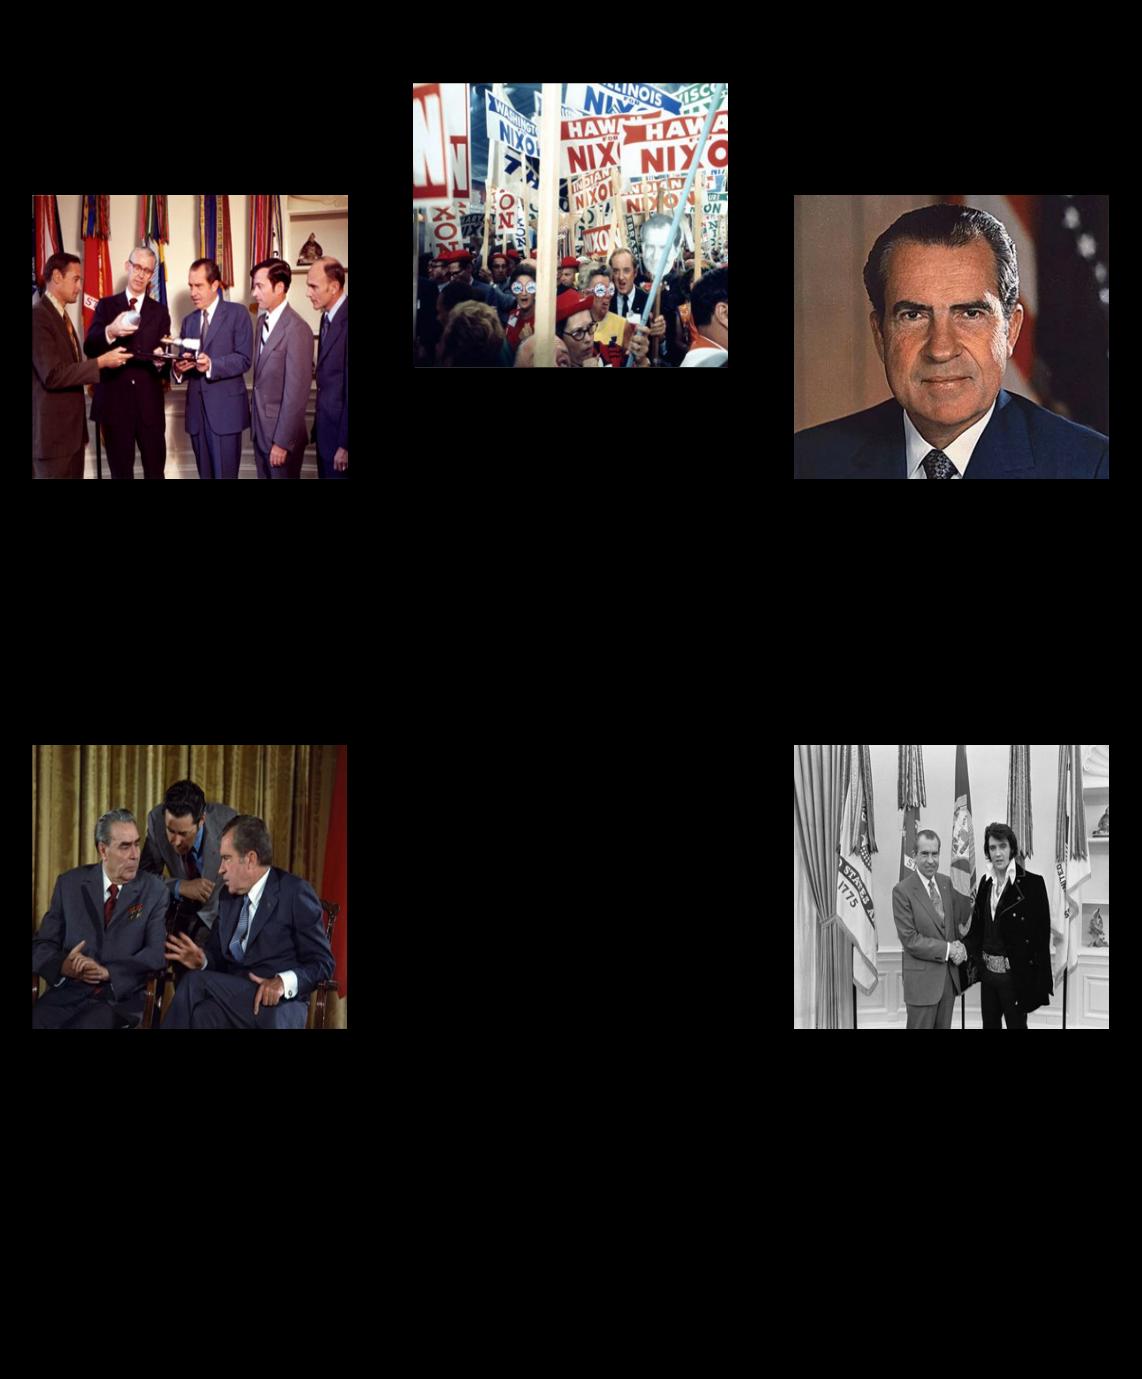 रिचर्ड निक्सन के प्रेसीडेंसी - 1972 के चुनाव के 5 Ws